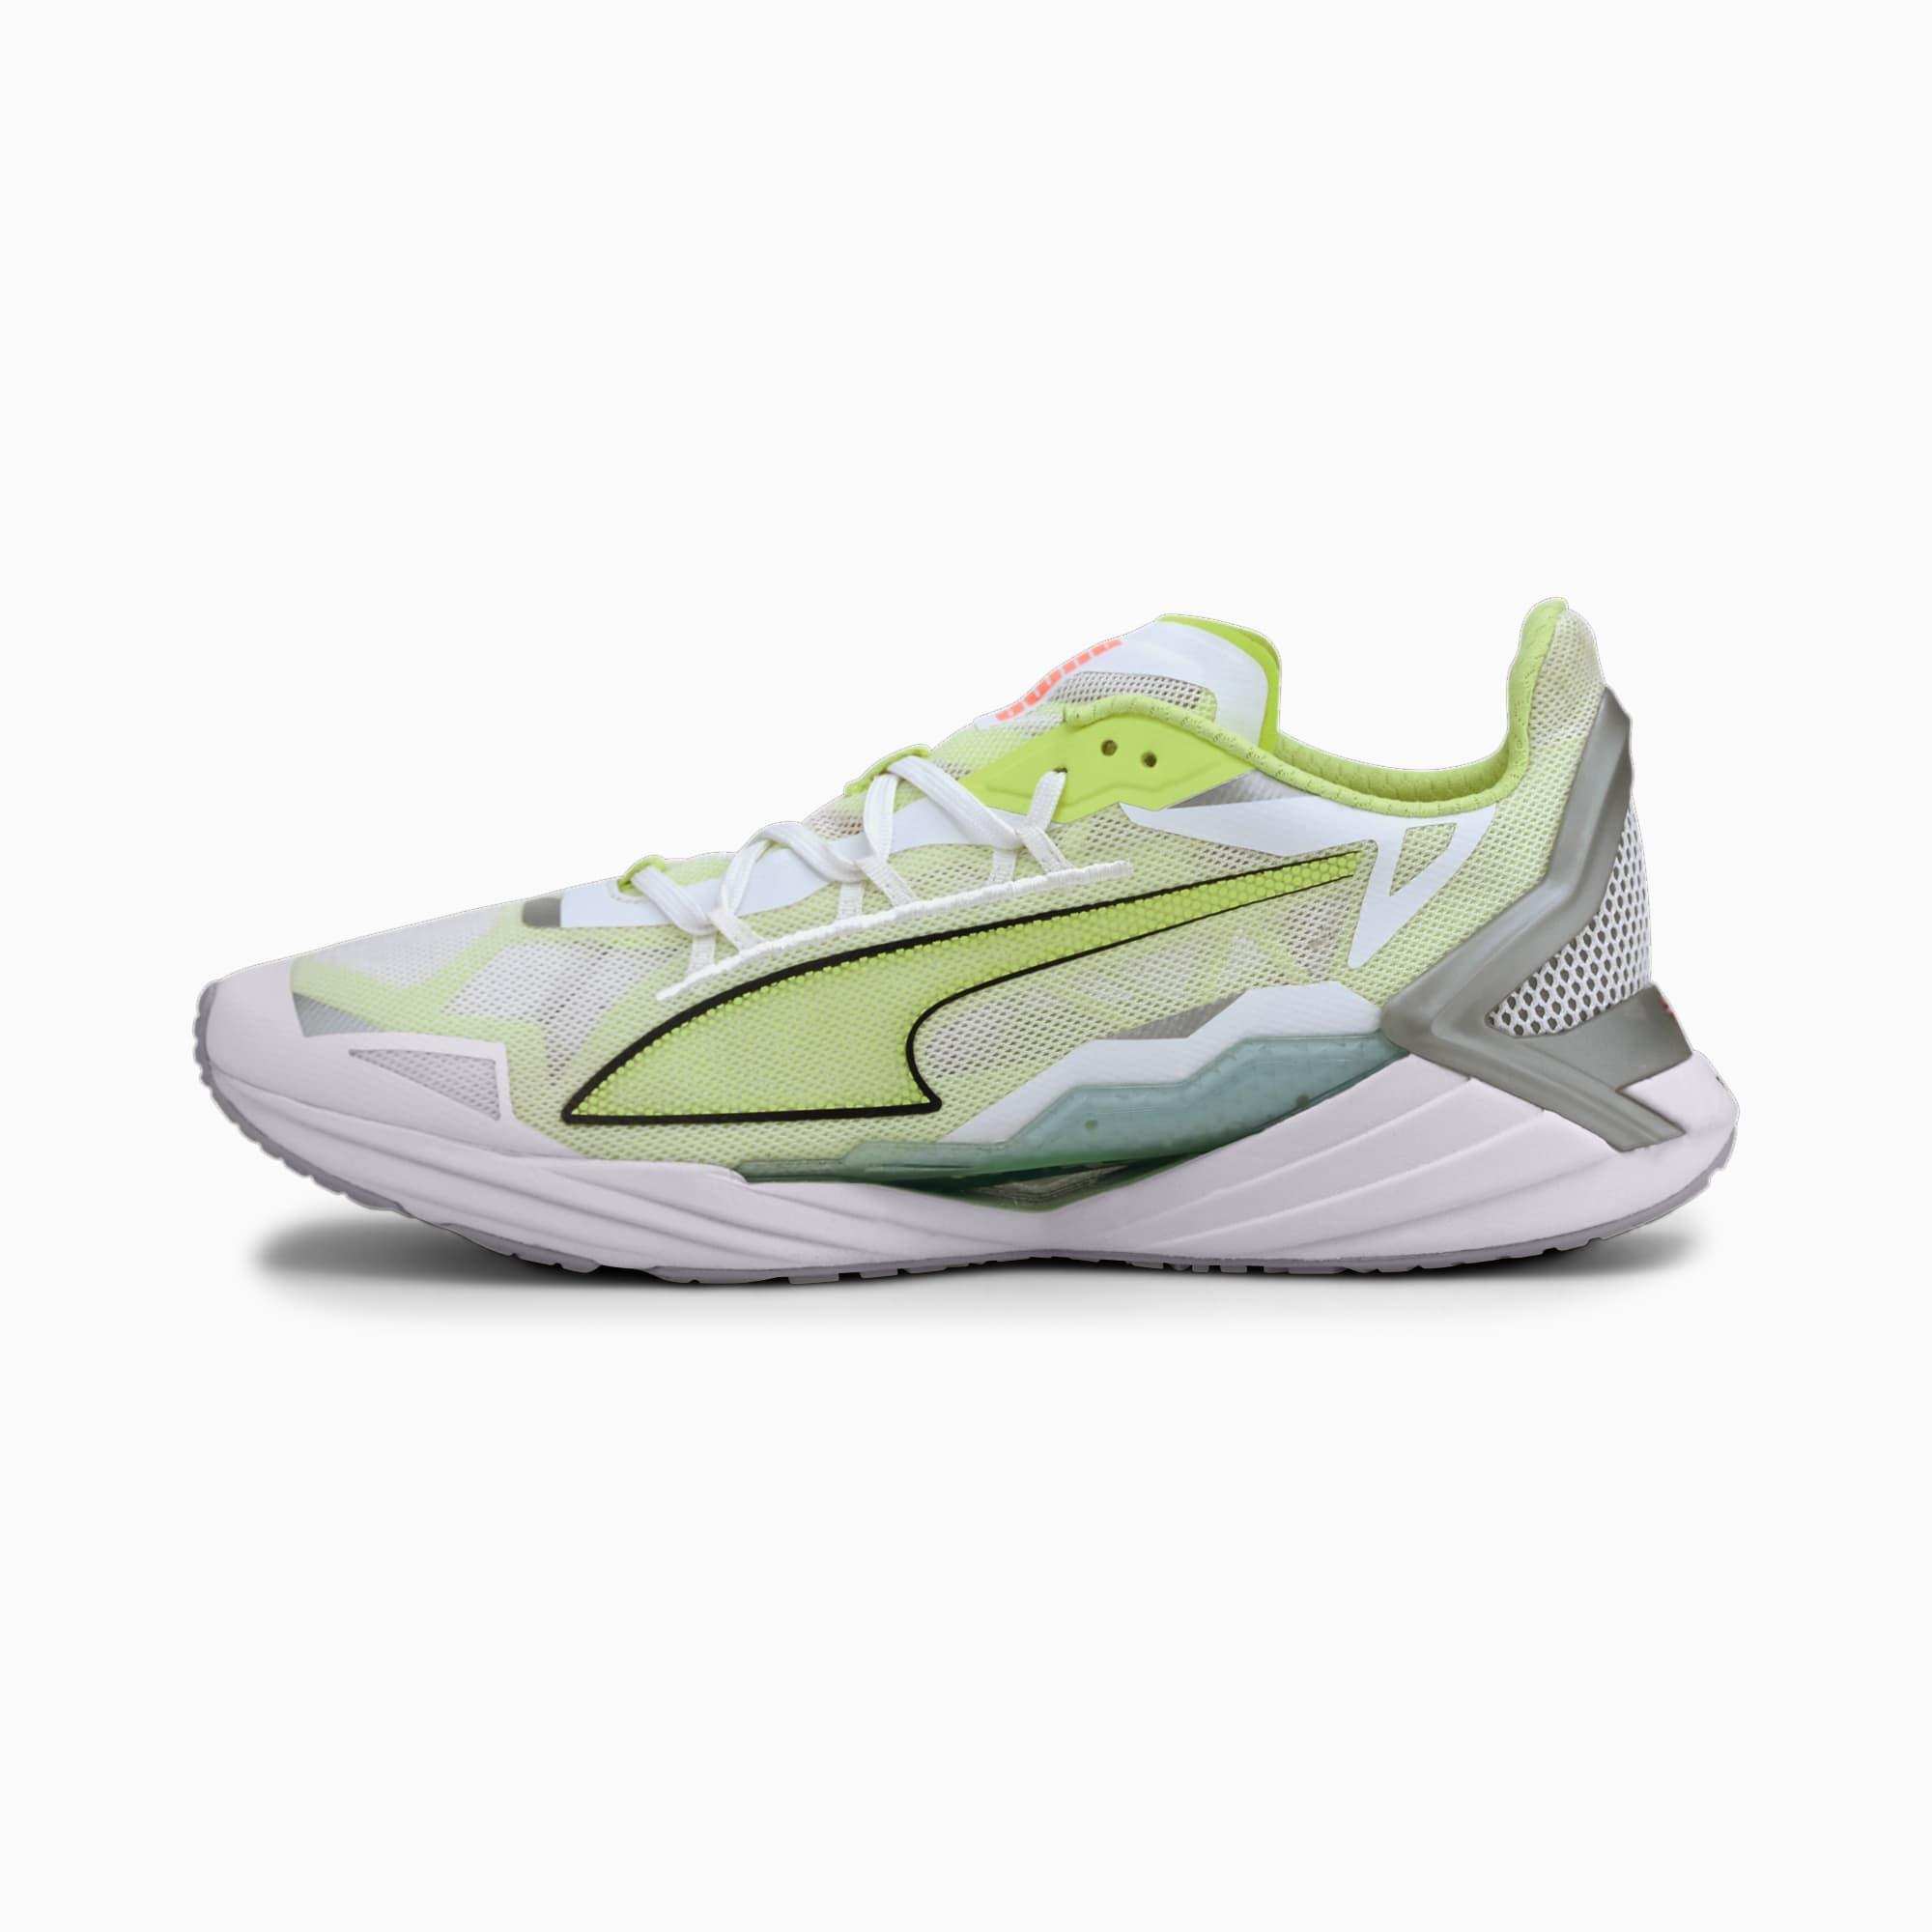 UltraRide Men's Running Shoes